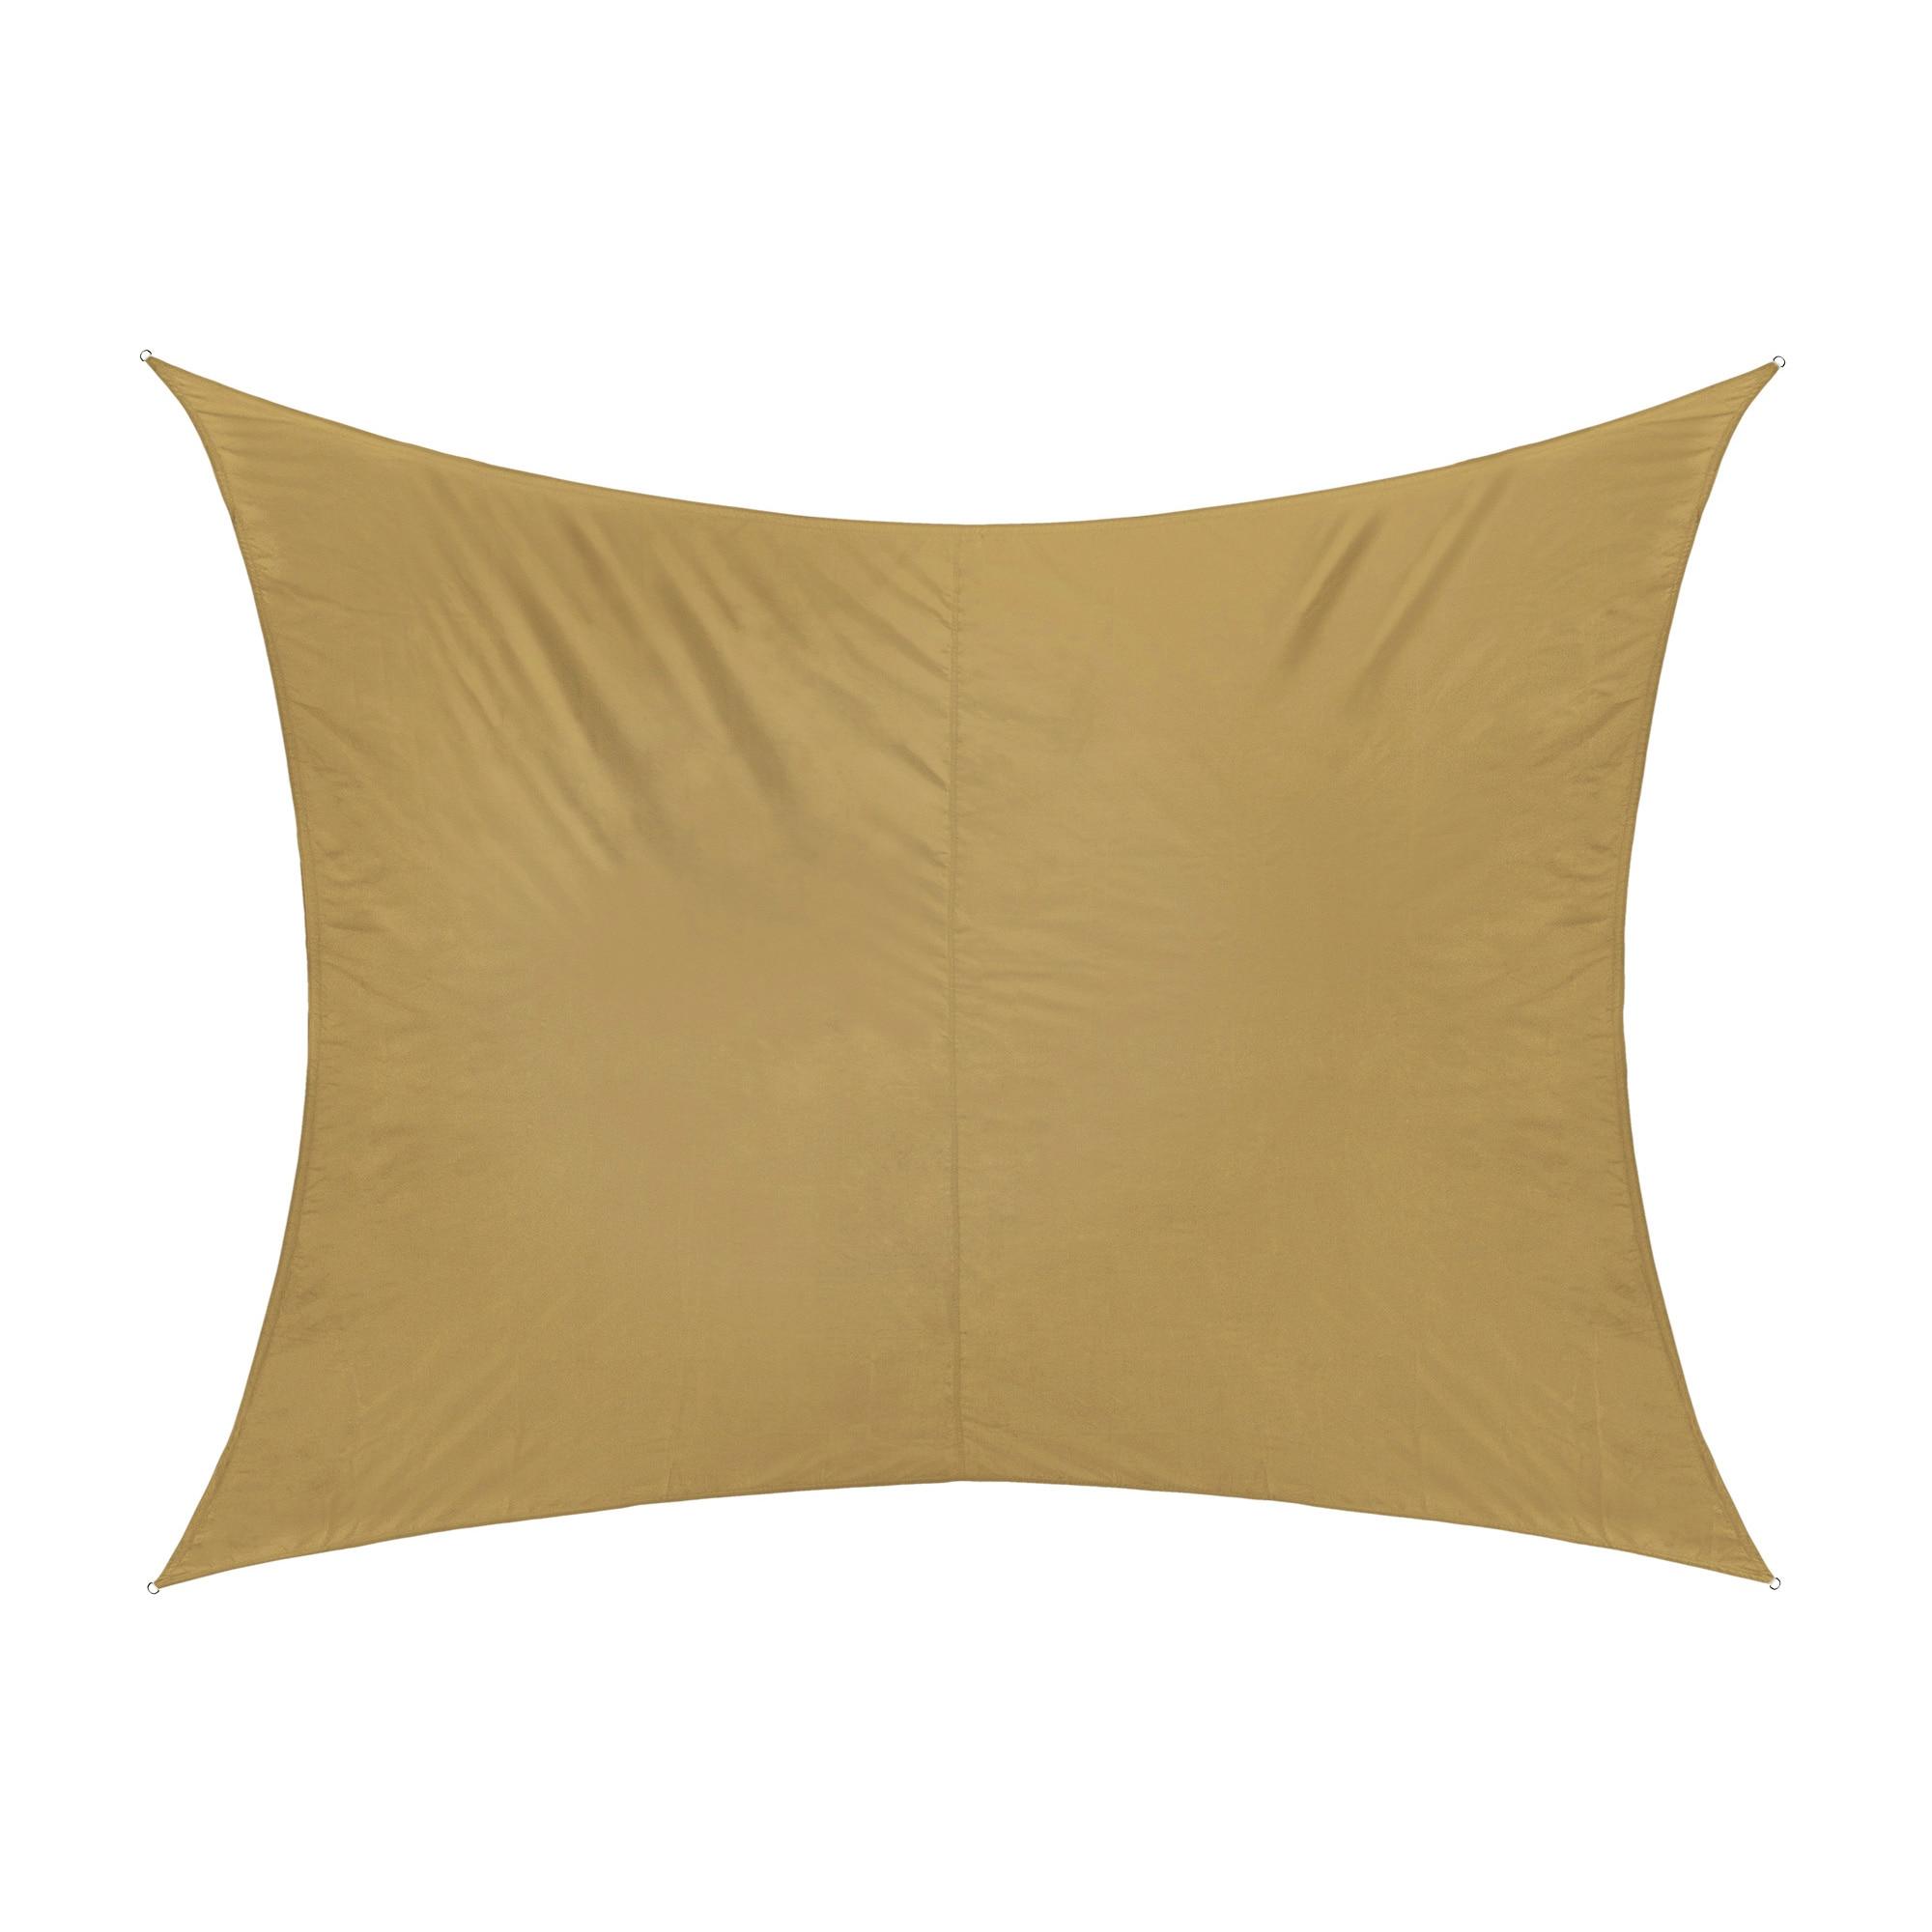 sonnensegel sonnendach sonnenschutz beschattung balkon garten segel ebay. Black Bedroom Furniture Sets. Home Design Ideas